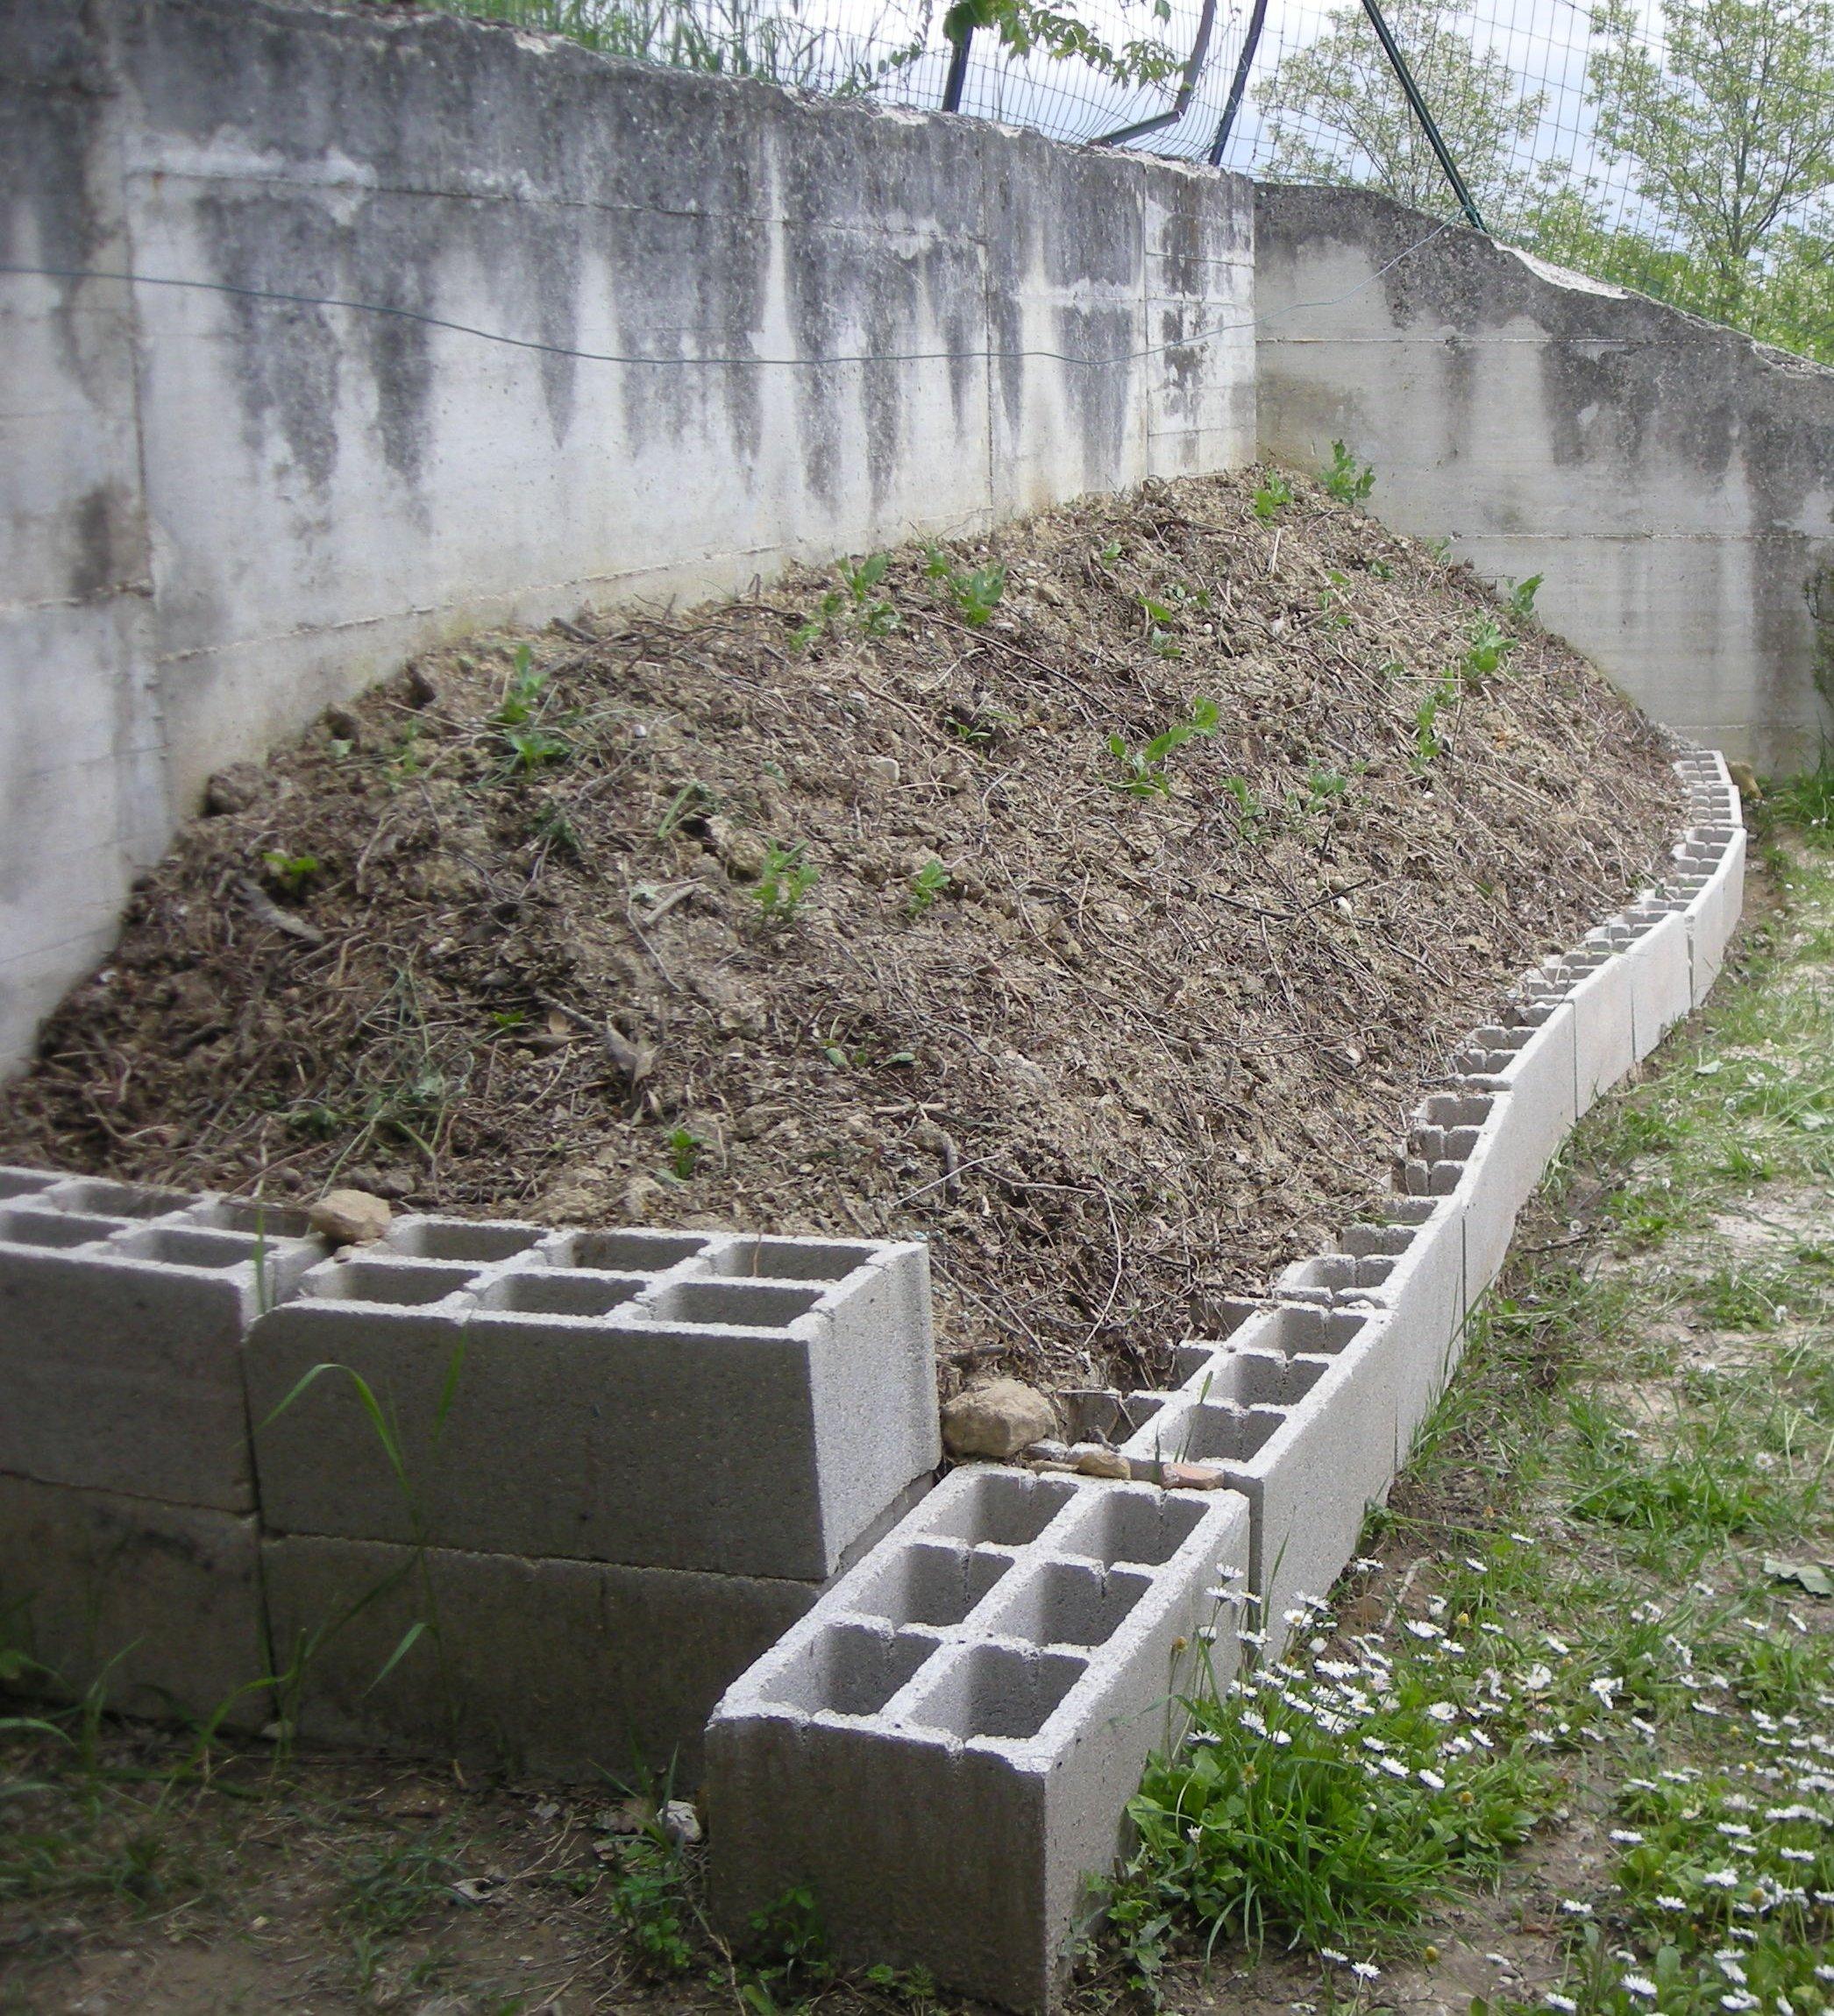 Orto verticale: semine e trapianti